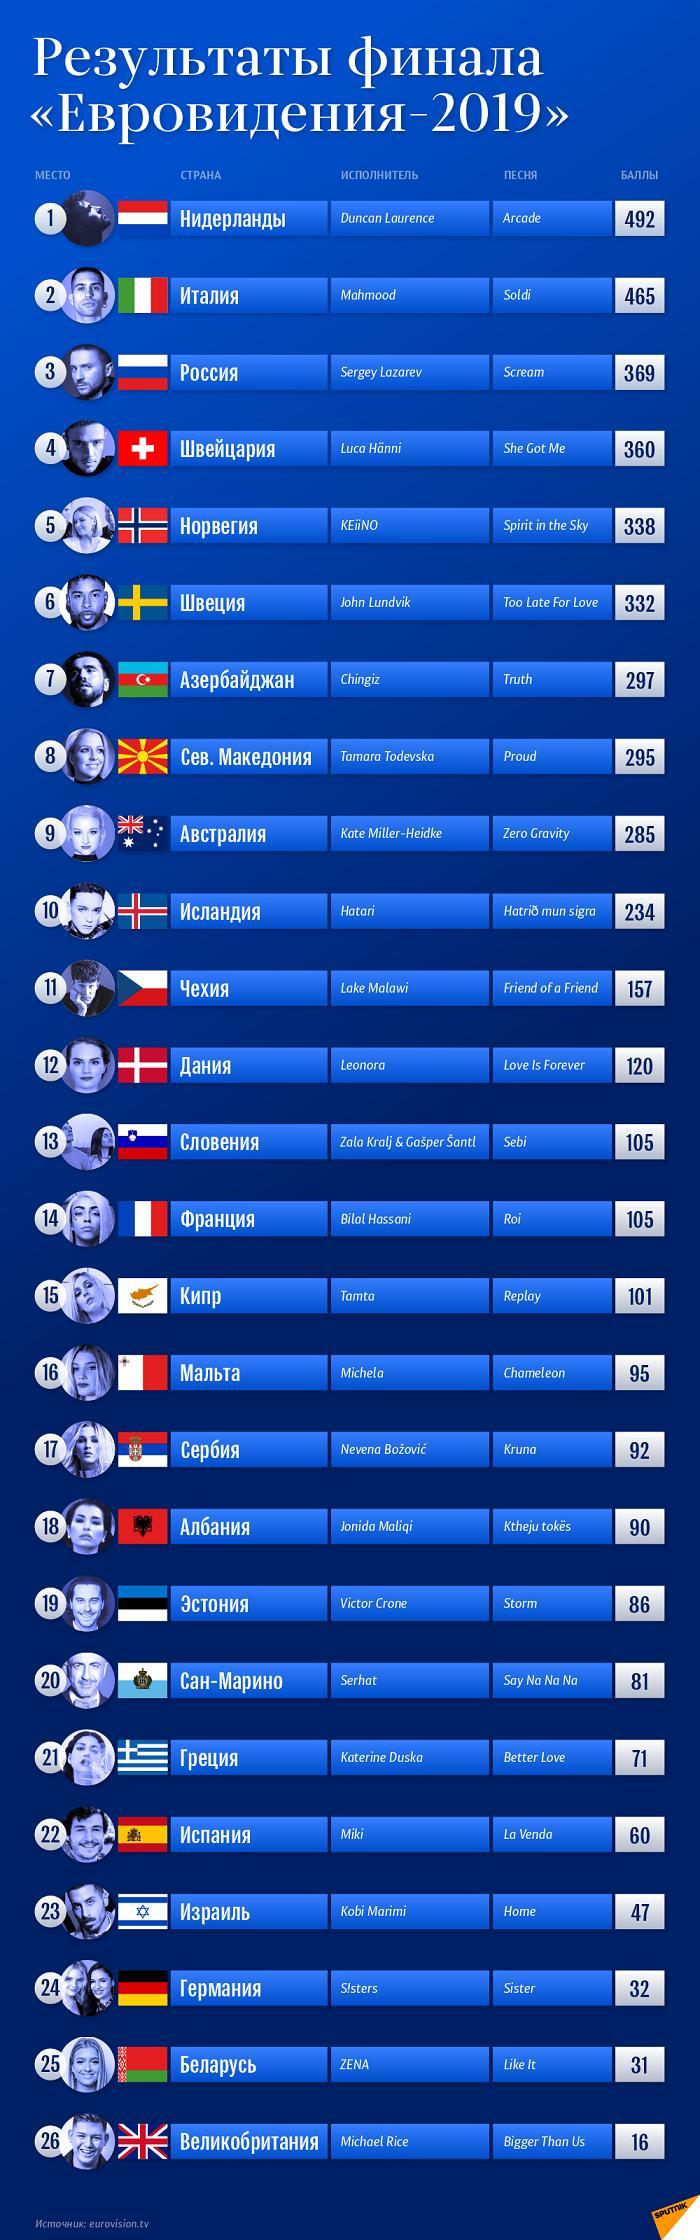 евровидение 2019 таблица результатов